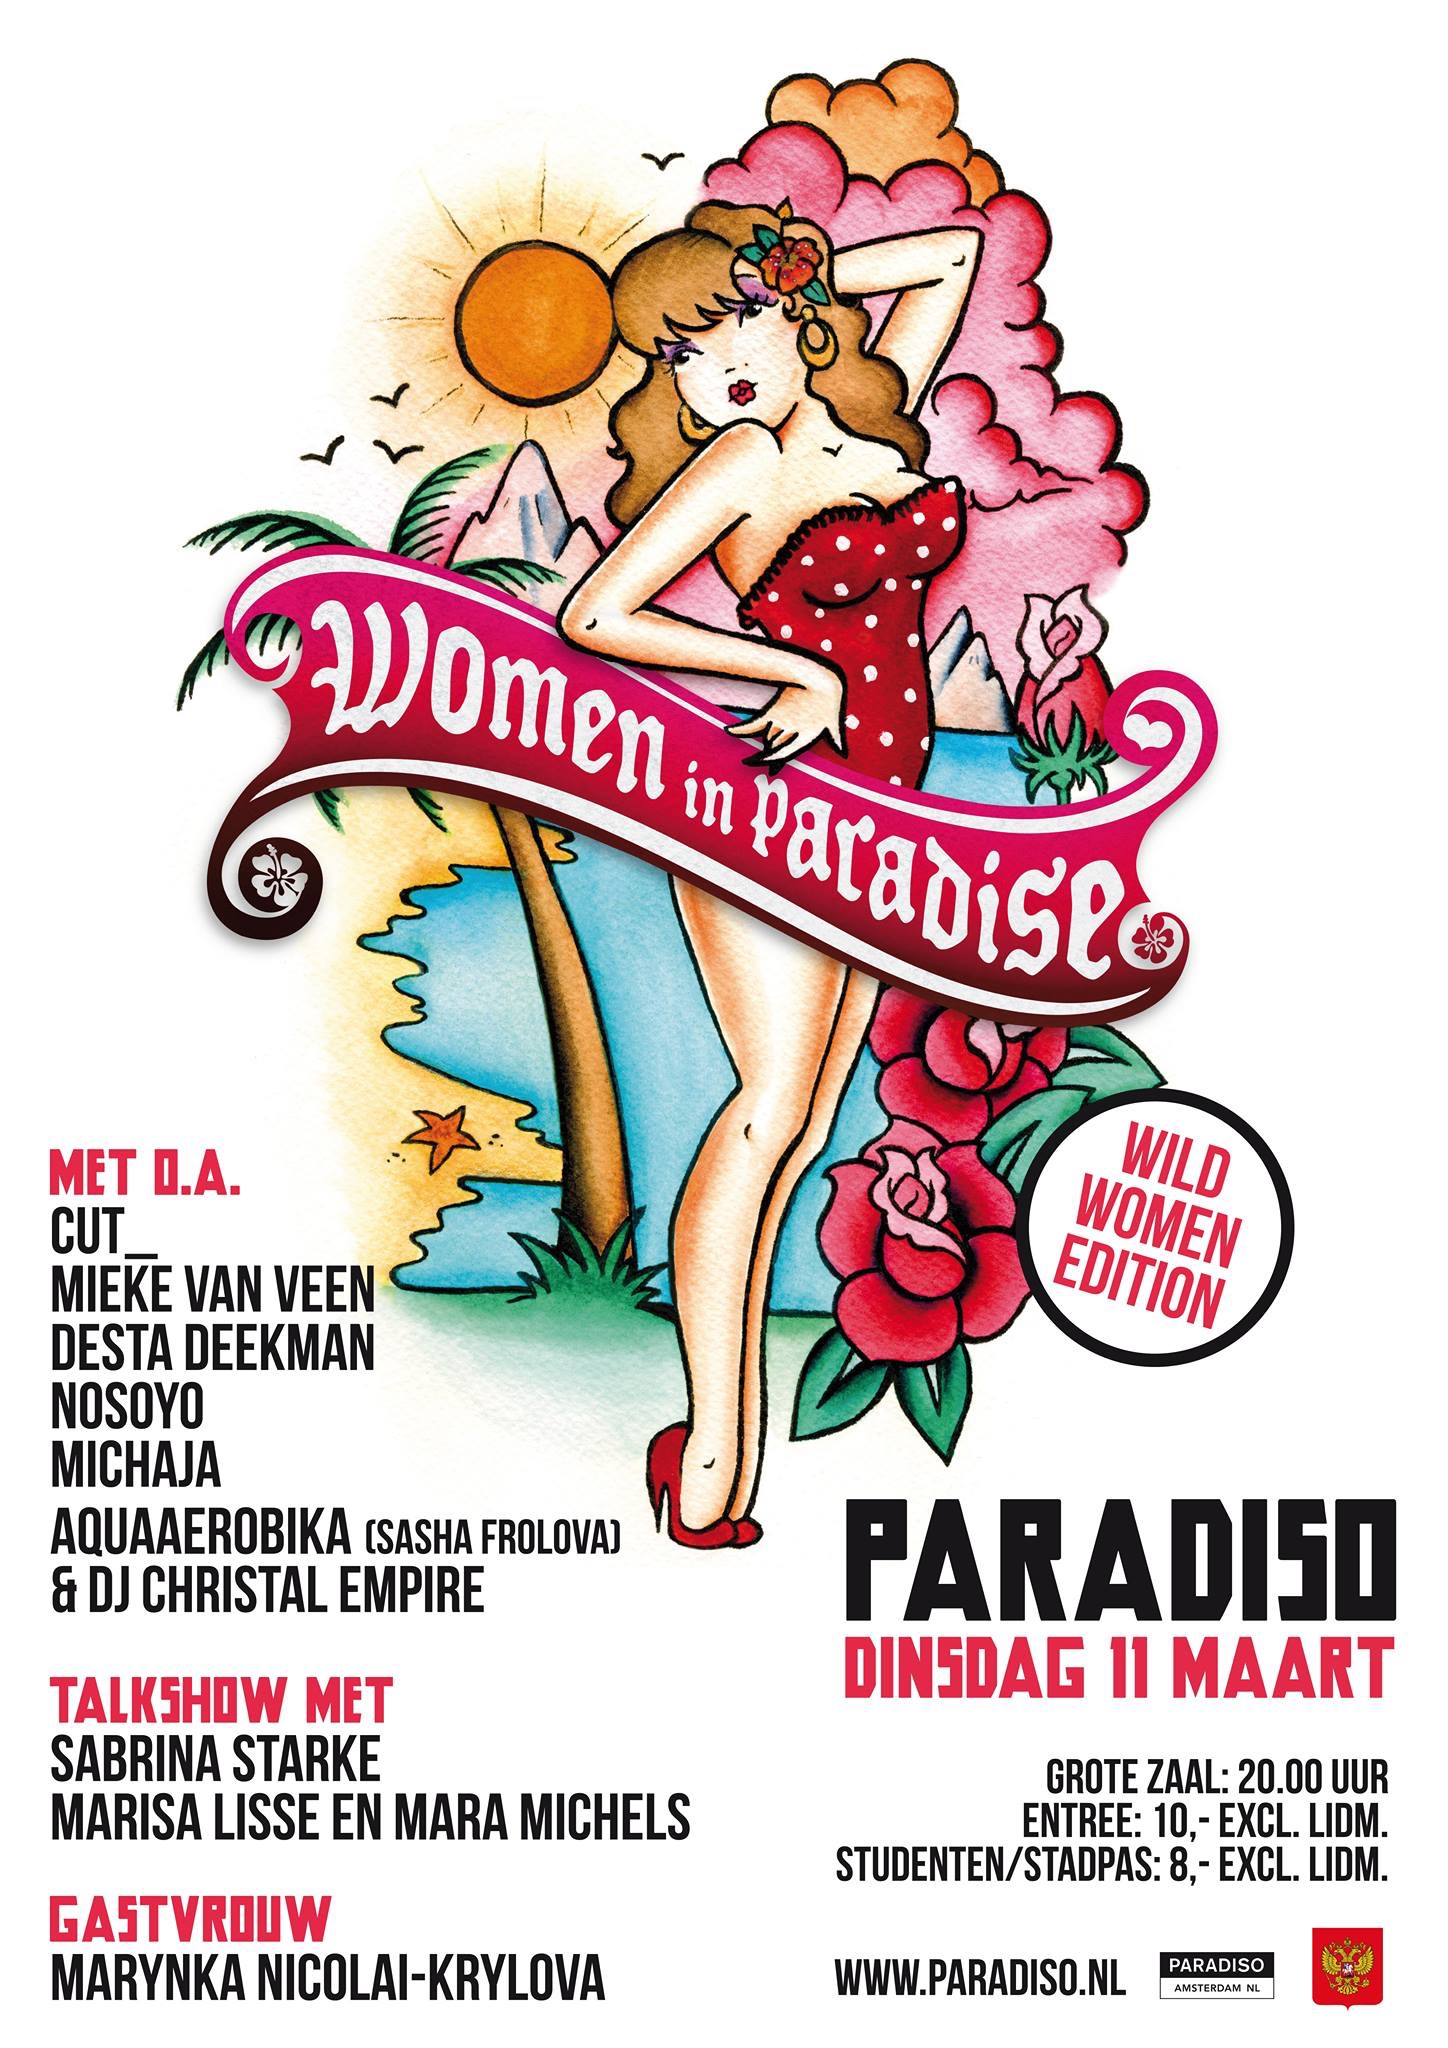 Poster 11 Maart 2014